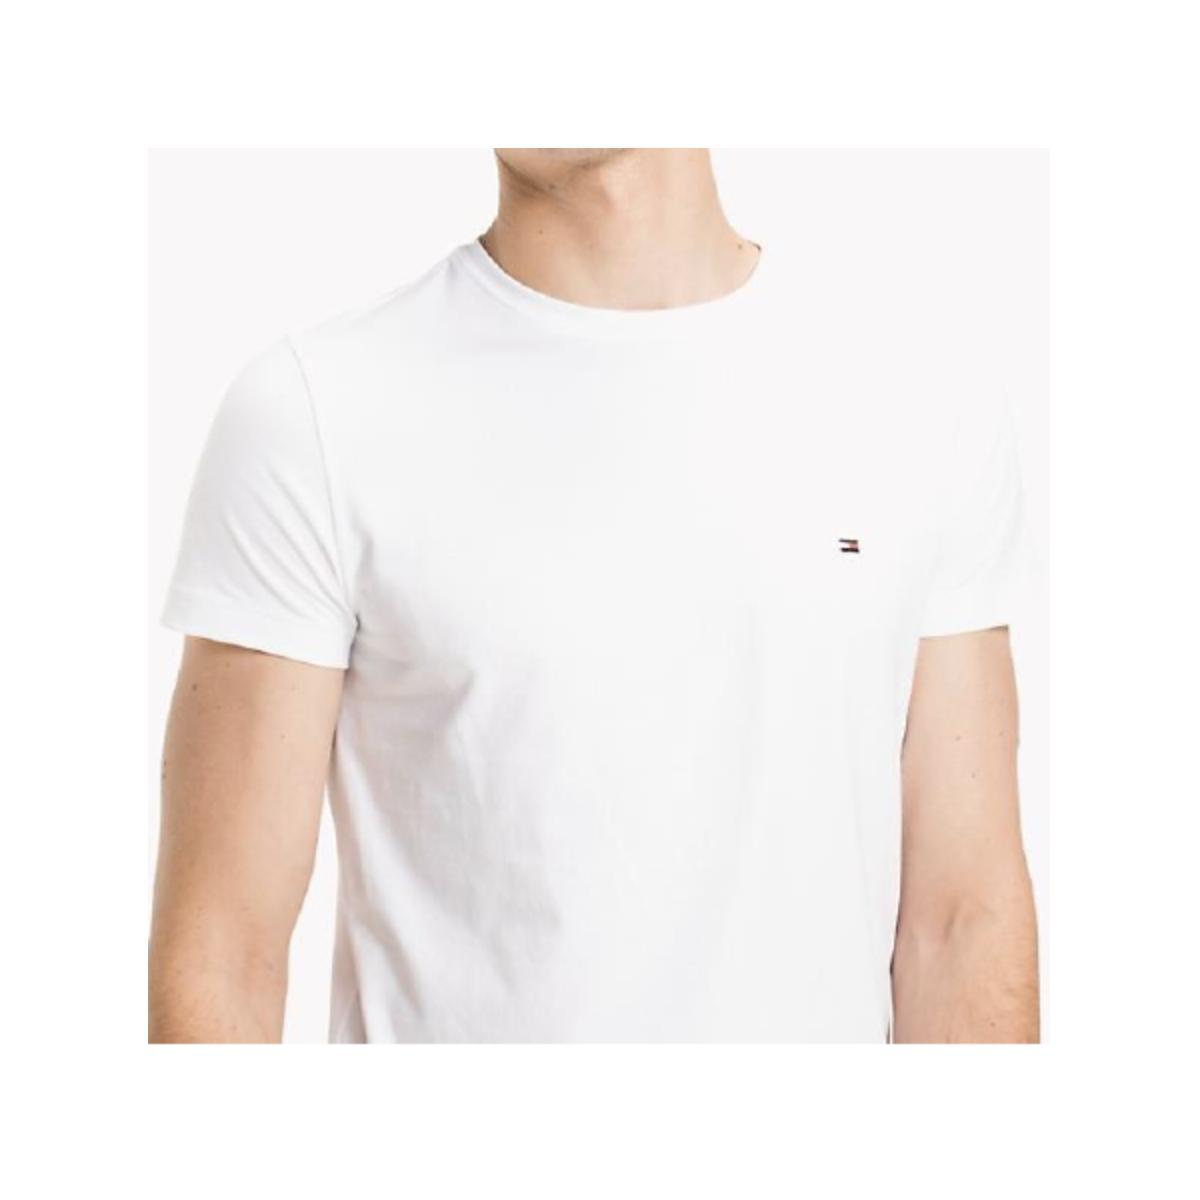 Camiseta Masculina Tommy Thmw0mw17002 Thybr Branco